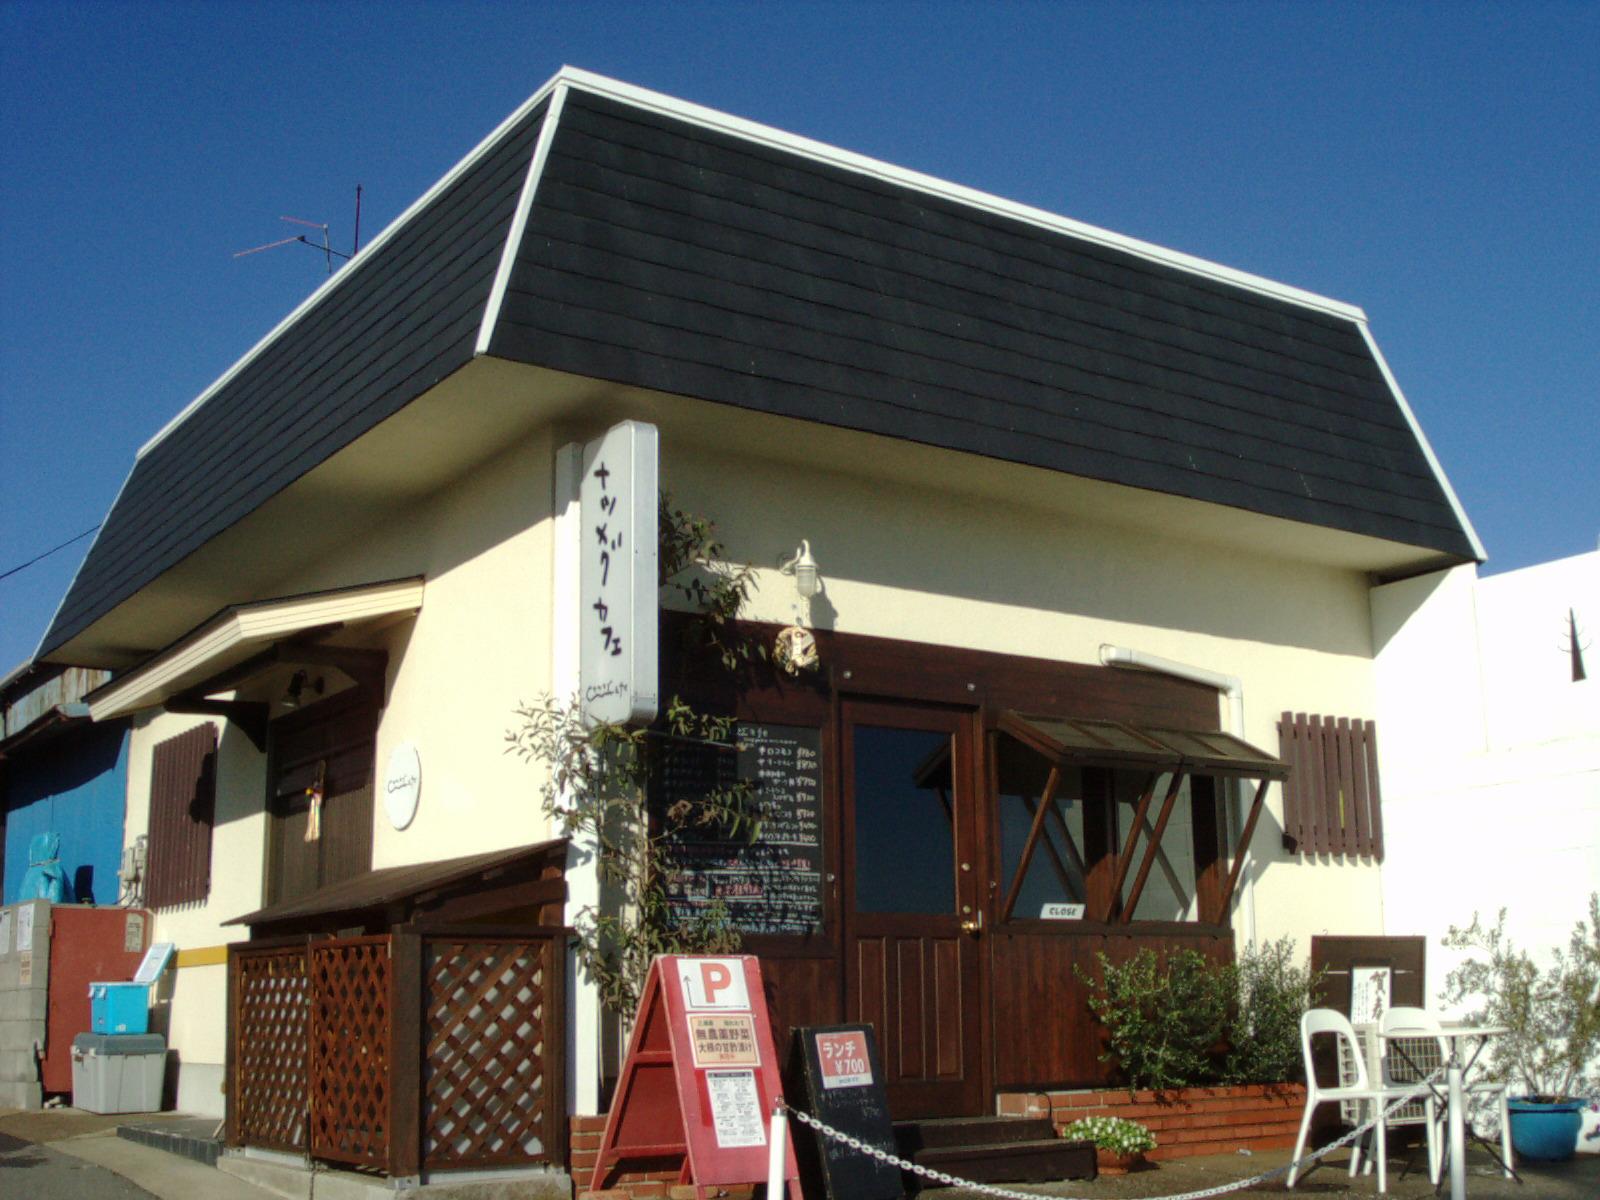 ナツメグカフェ・三浦海岸●cafe●ランチ●BBQ●ライブ●音楽●ウクレレ